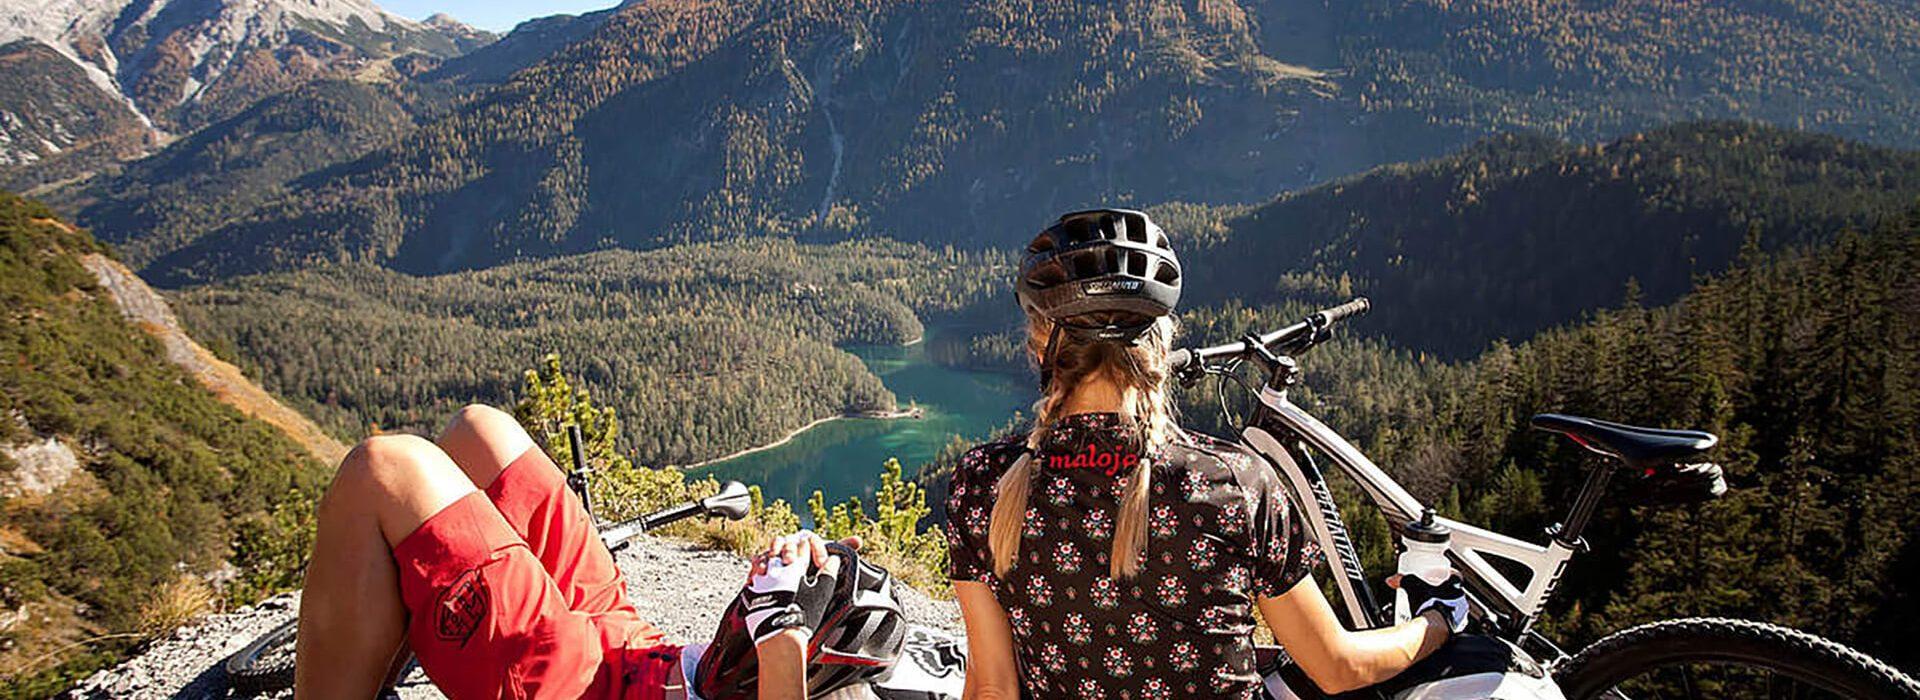 Mountainbike Urlaub Tiroler Zugspitz Arena